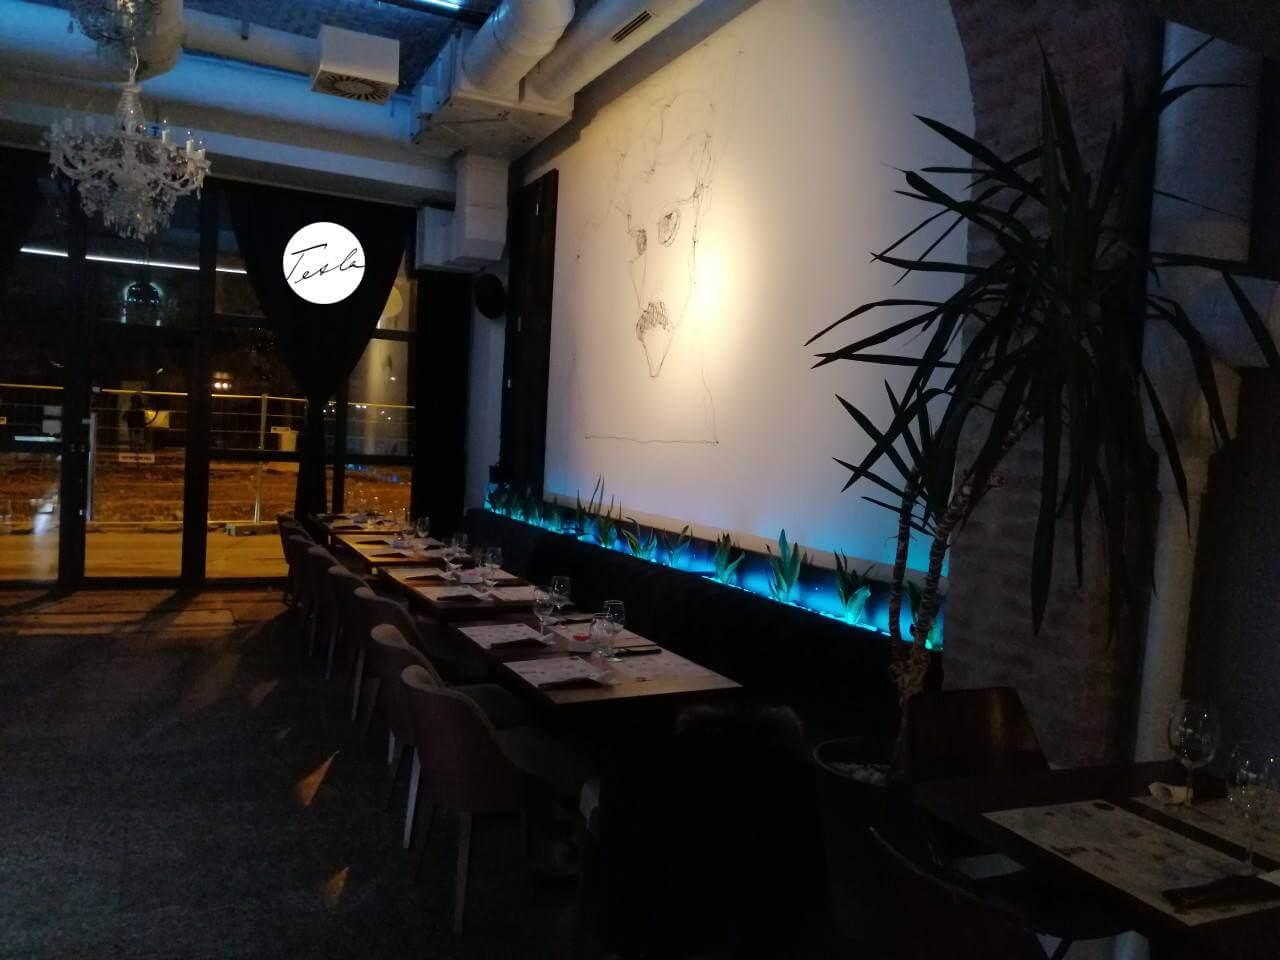 огромные носки ресторан тесла владивосток фото этого искусства германия